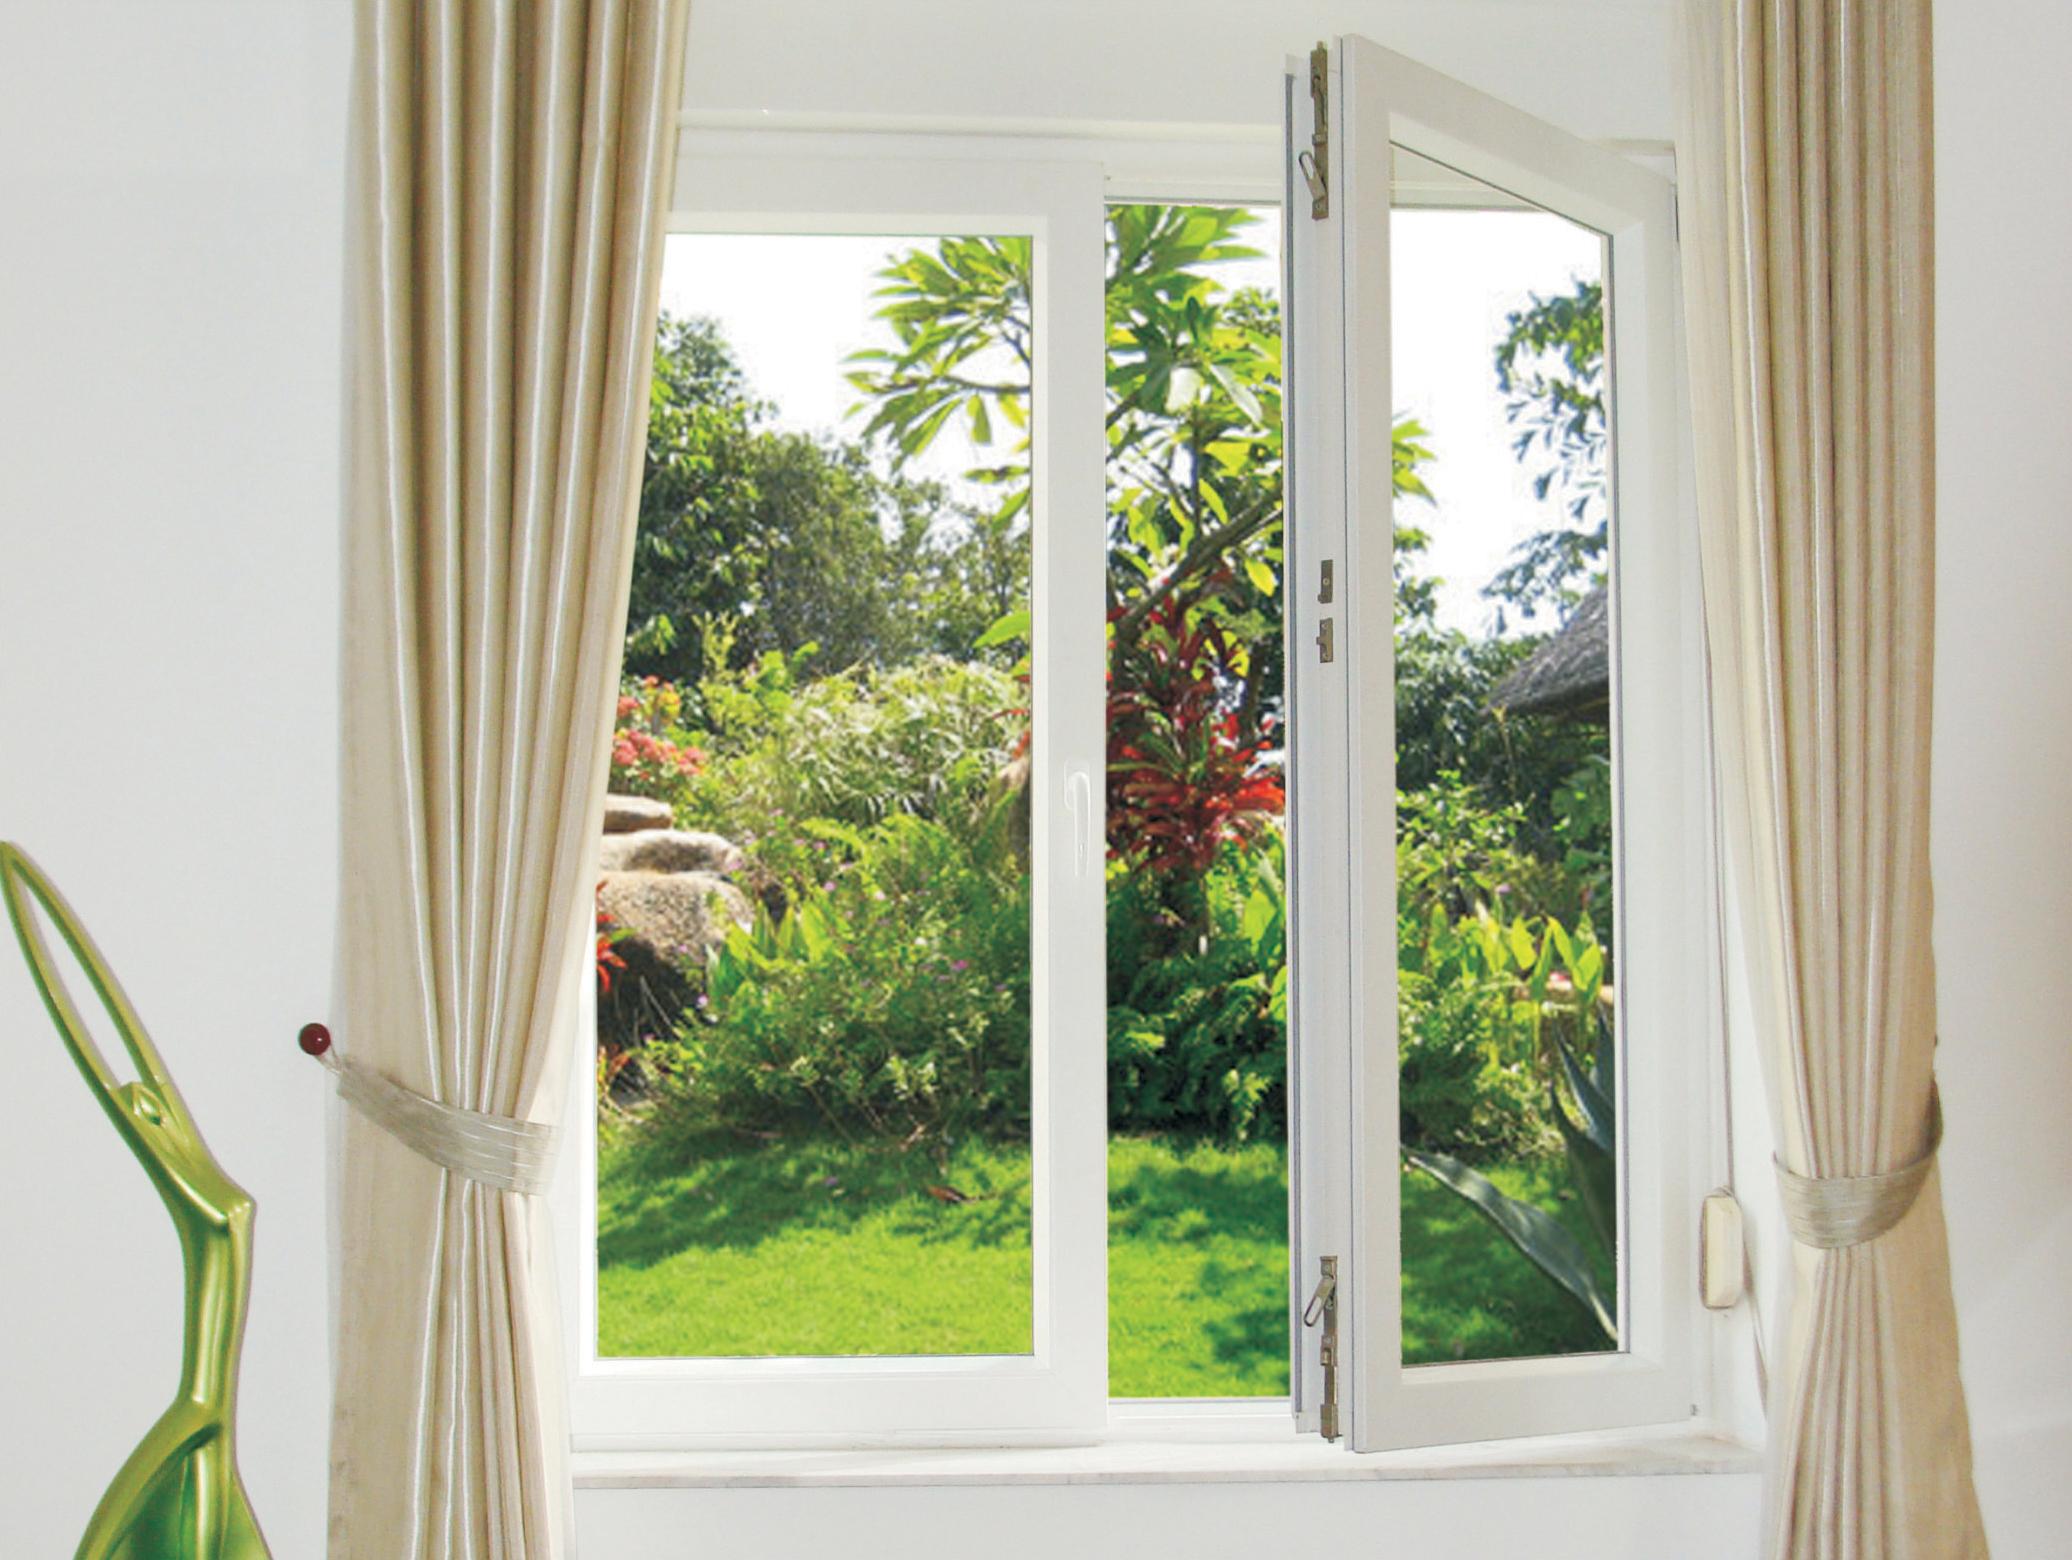 Thiết kế nội thất theo phong cách đương đại tận dụng ánh sáng qua cửa sổ